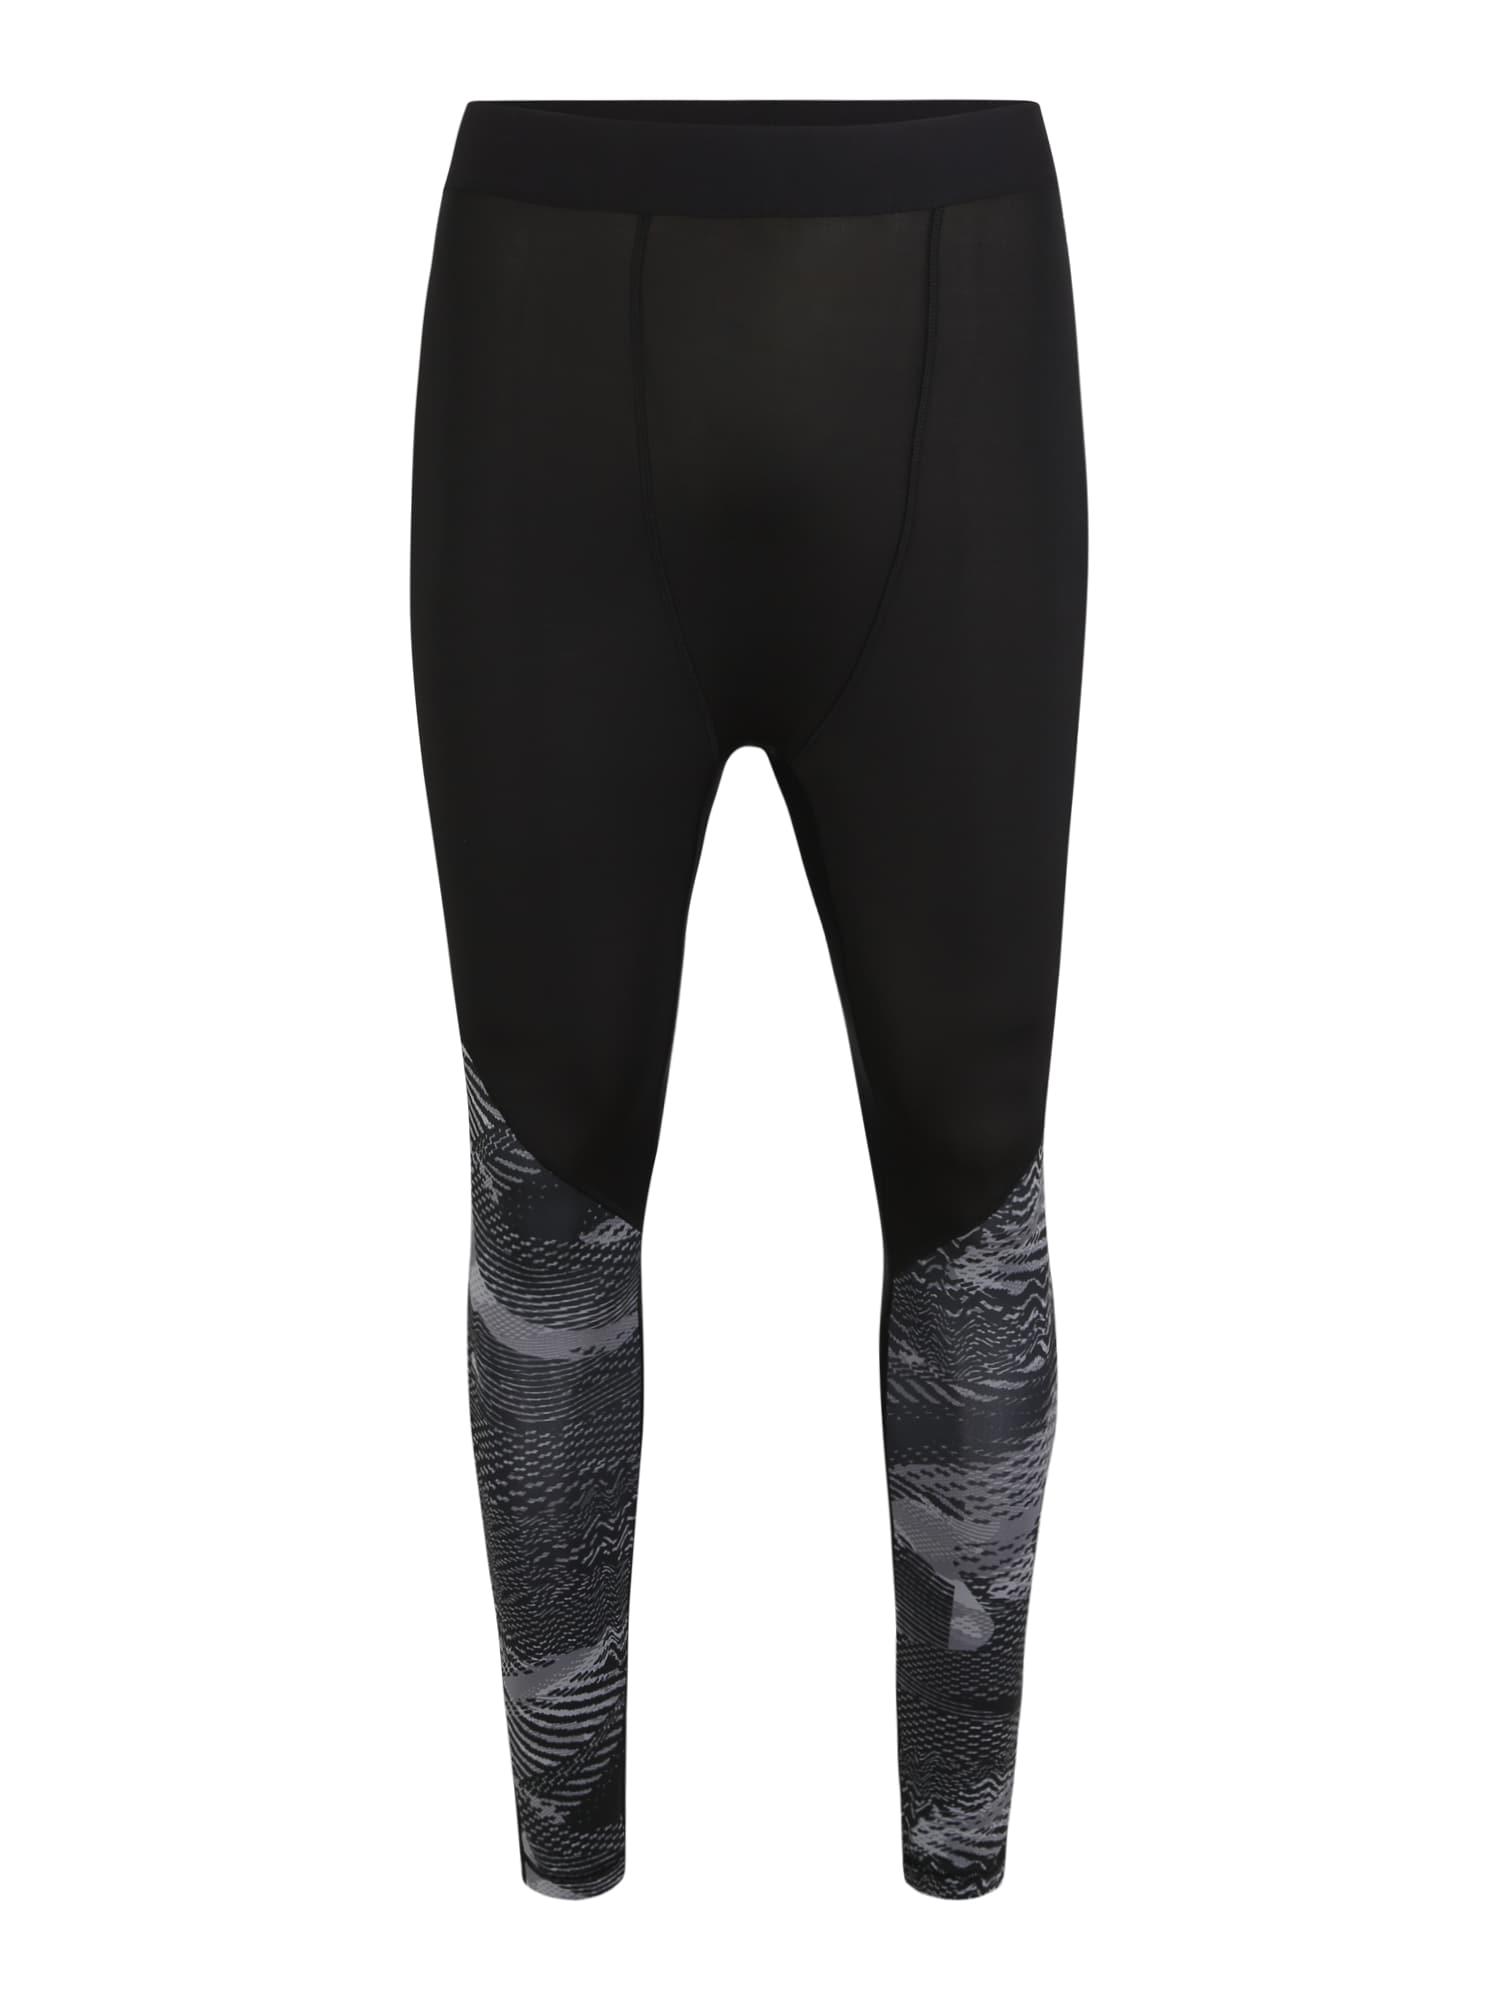 REEBOK Sportinės kelnės 'TS Comp Tight' juoda